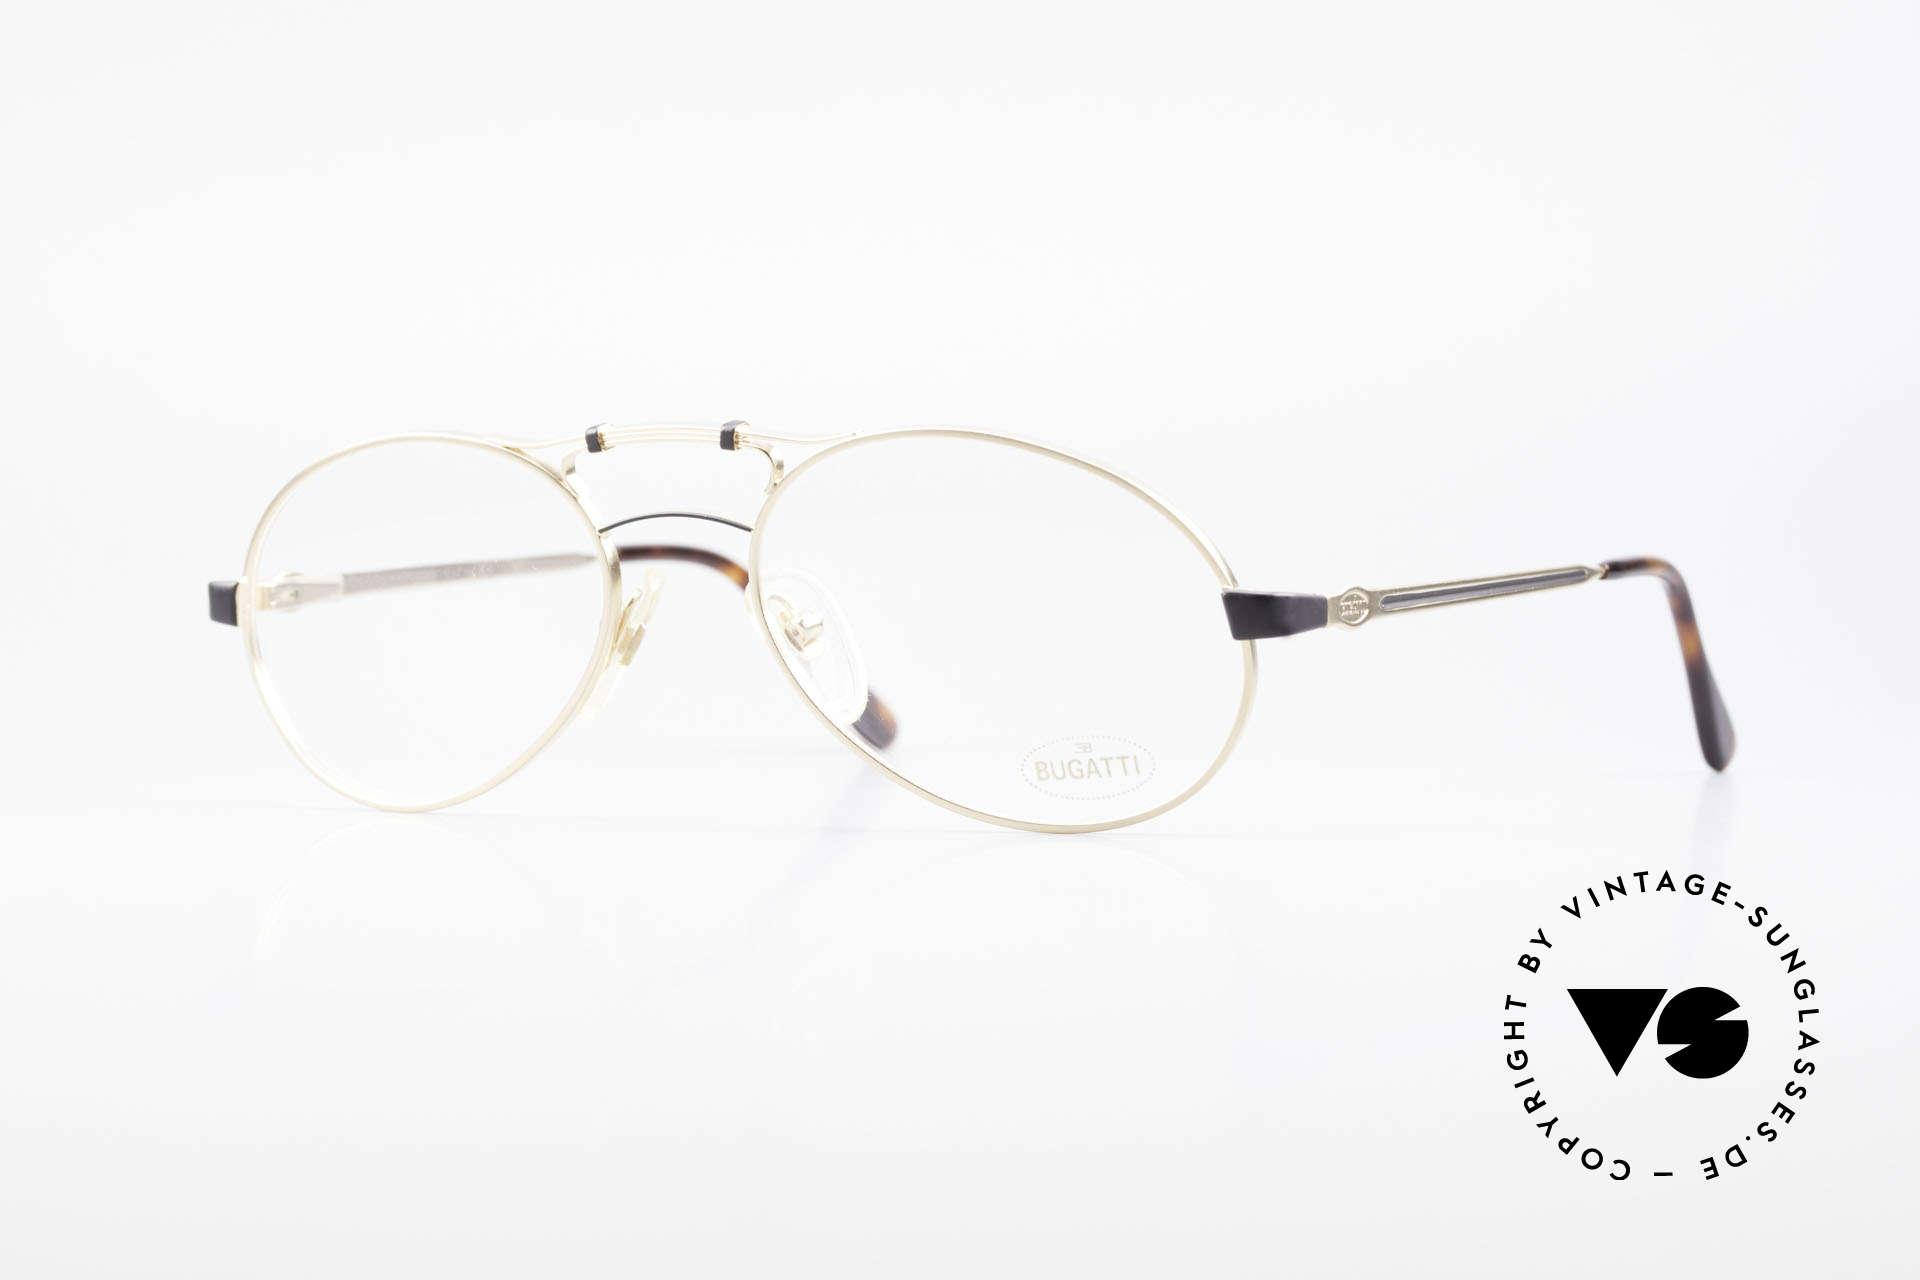 Bugatti 13411 Vintage Herrenbrille Luxus, antik anmutende 90er BUGATTI vintage Brillenfassung, Passend für Herren